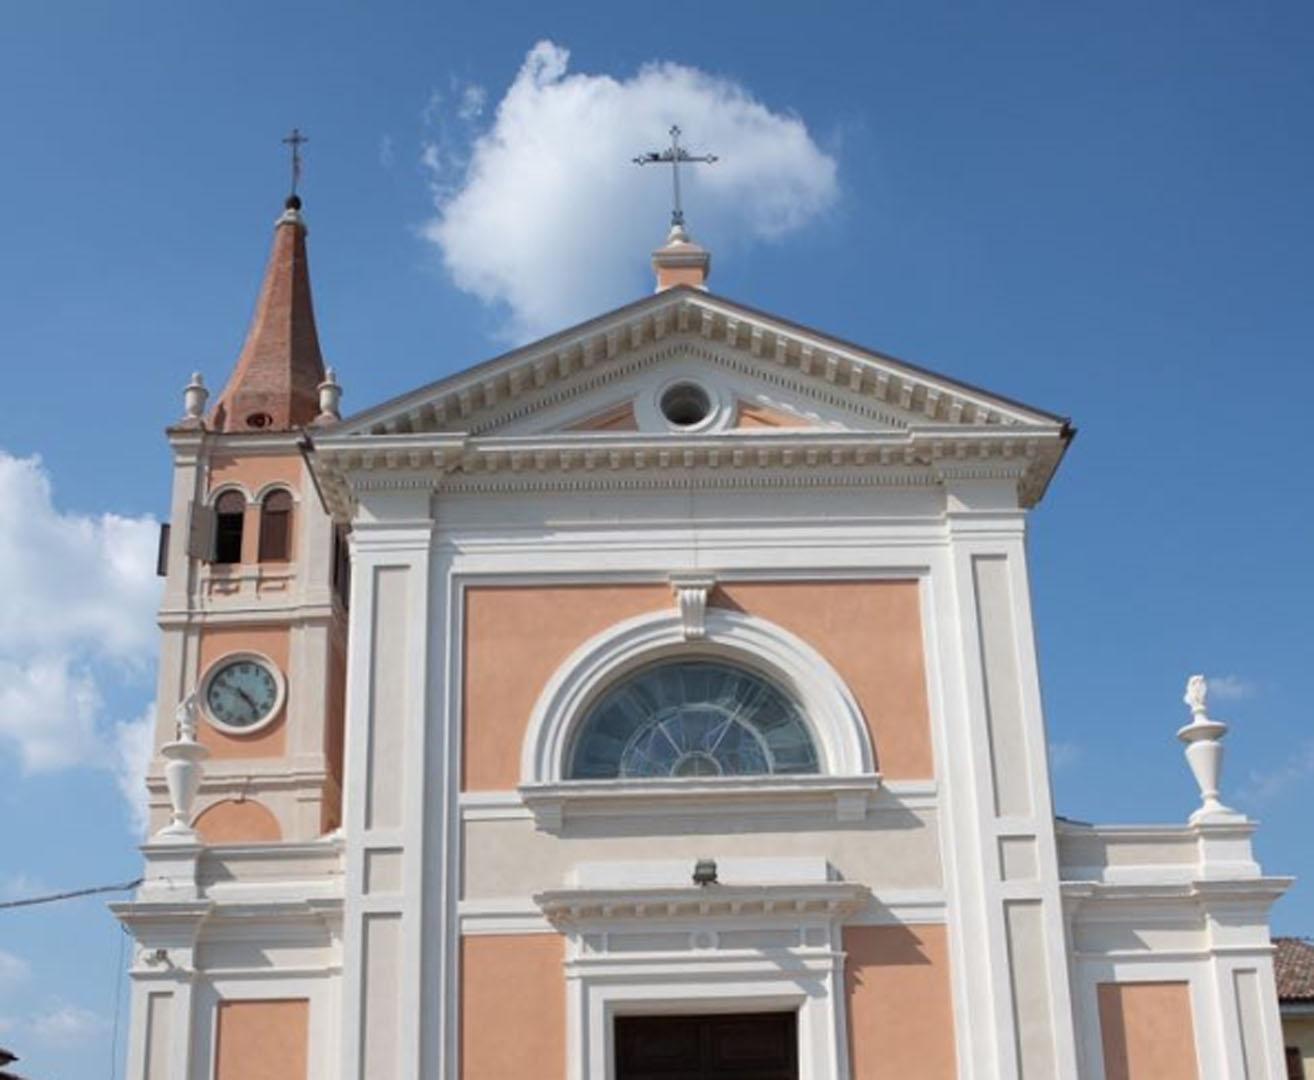 Ripristino strutturale e restauro architettonico della Chiesa di San Giovanni Battista a Dosso di Sant' Agostino (FE)